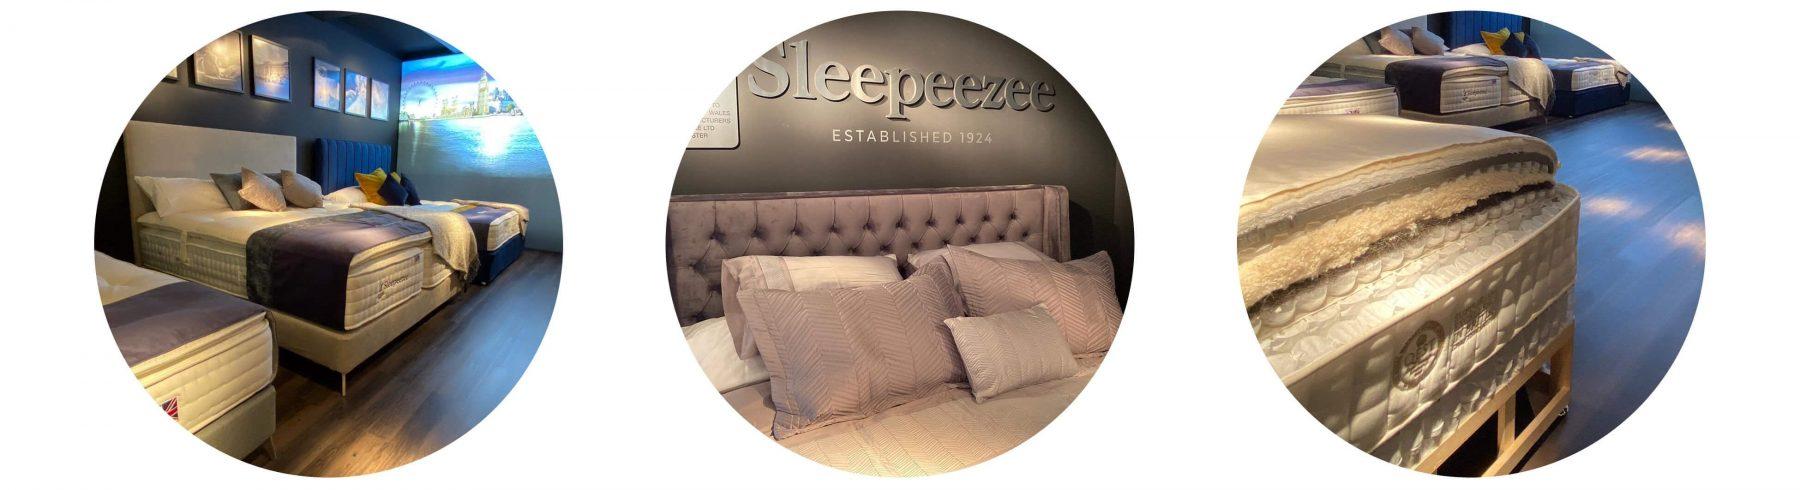 IMM Cologne Sleepeezee